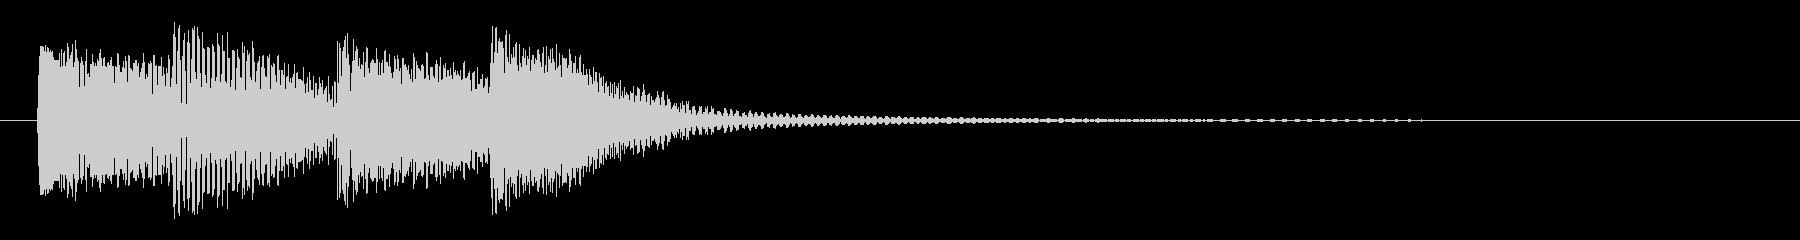 ポップアップ_200703の未再生の波形